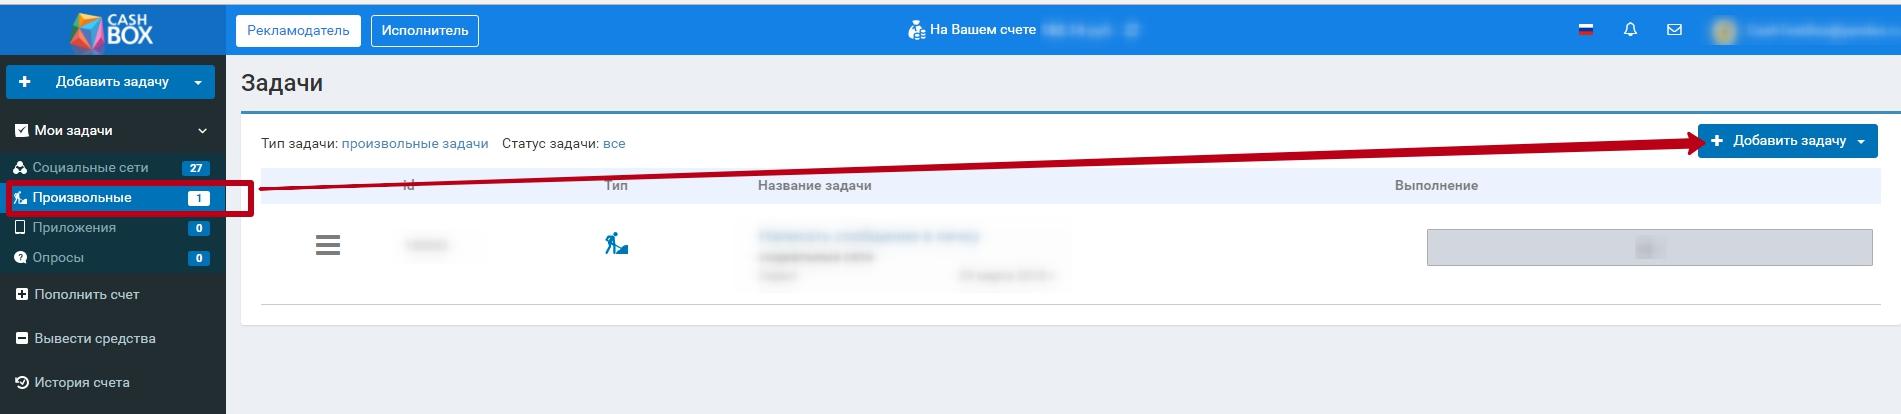 Накрутка смс ВКонтакте самостоятельно